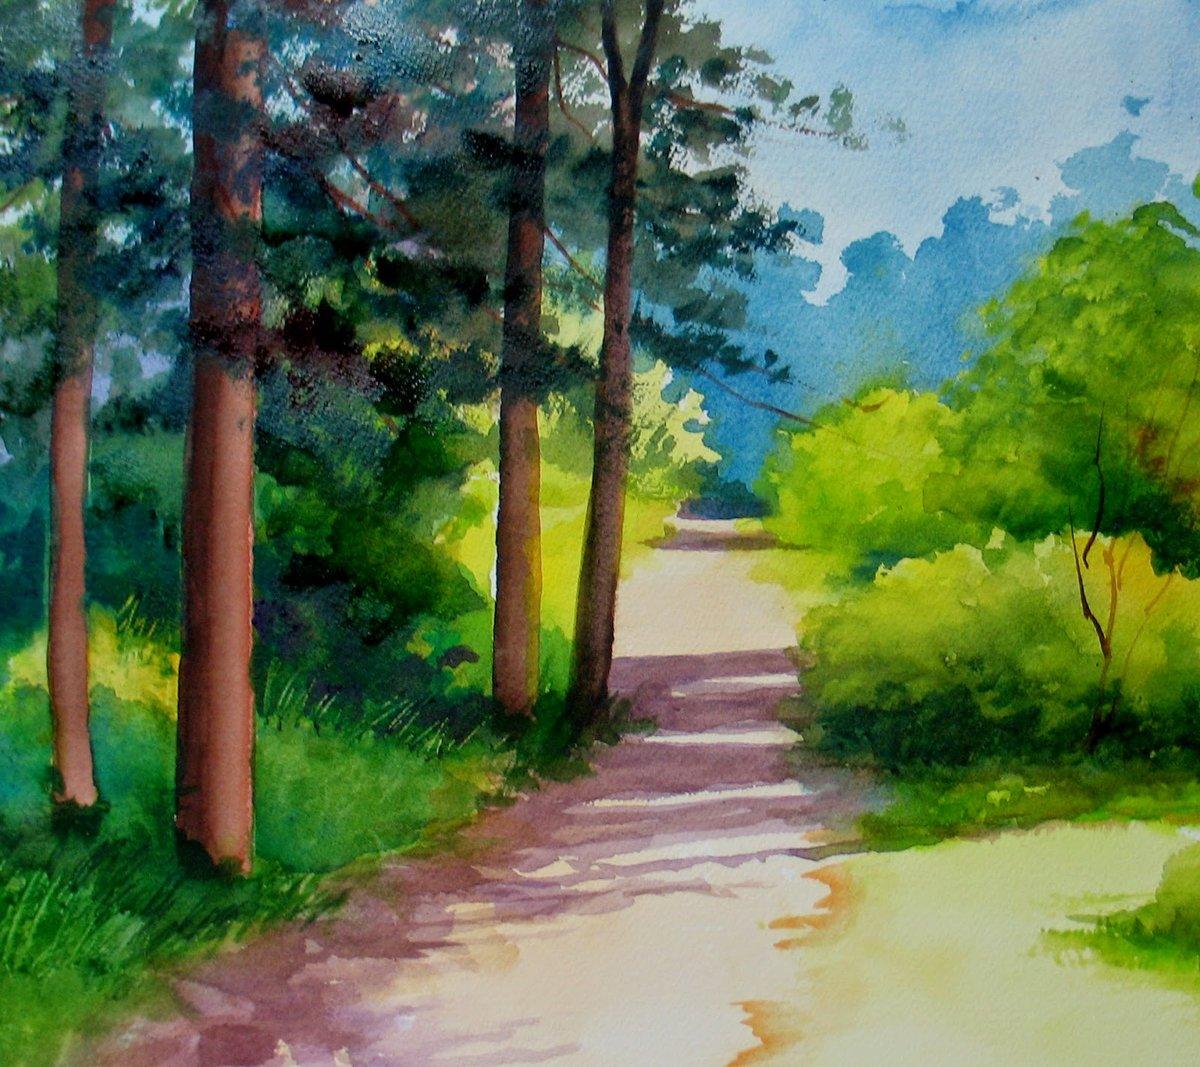 Пейзаж картинки рисунки